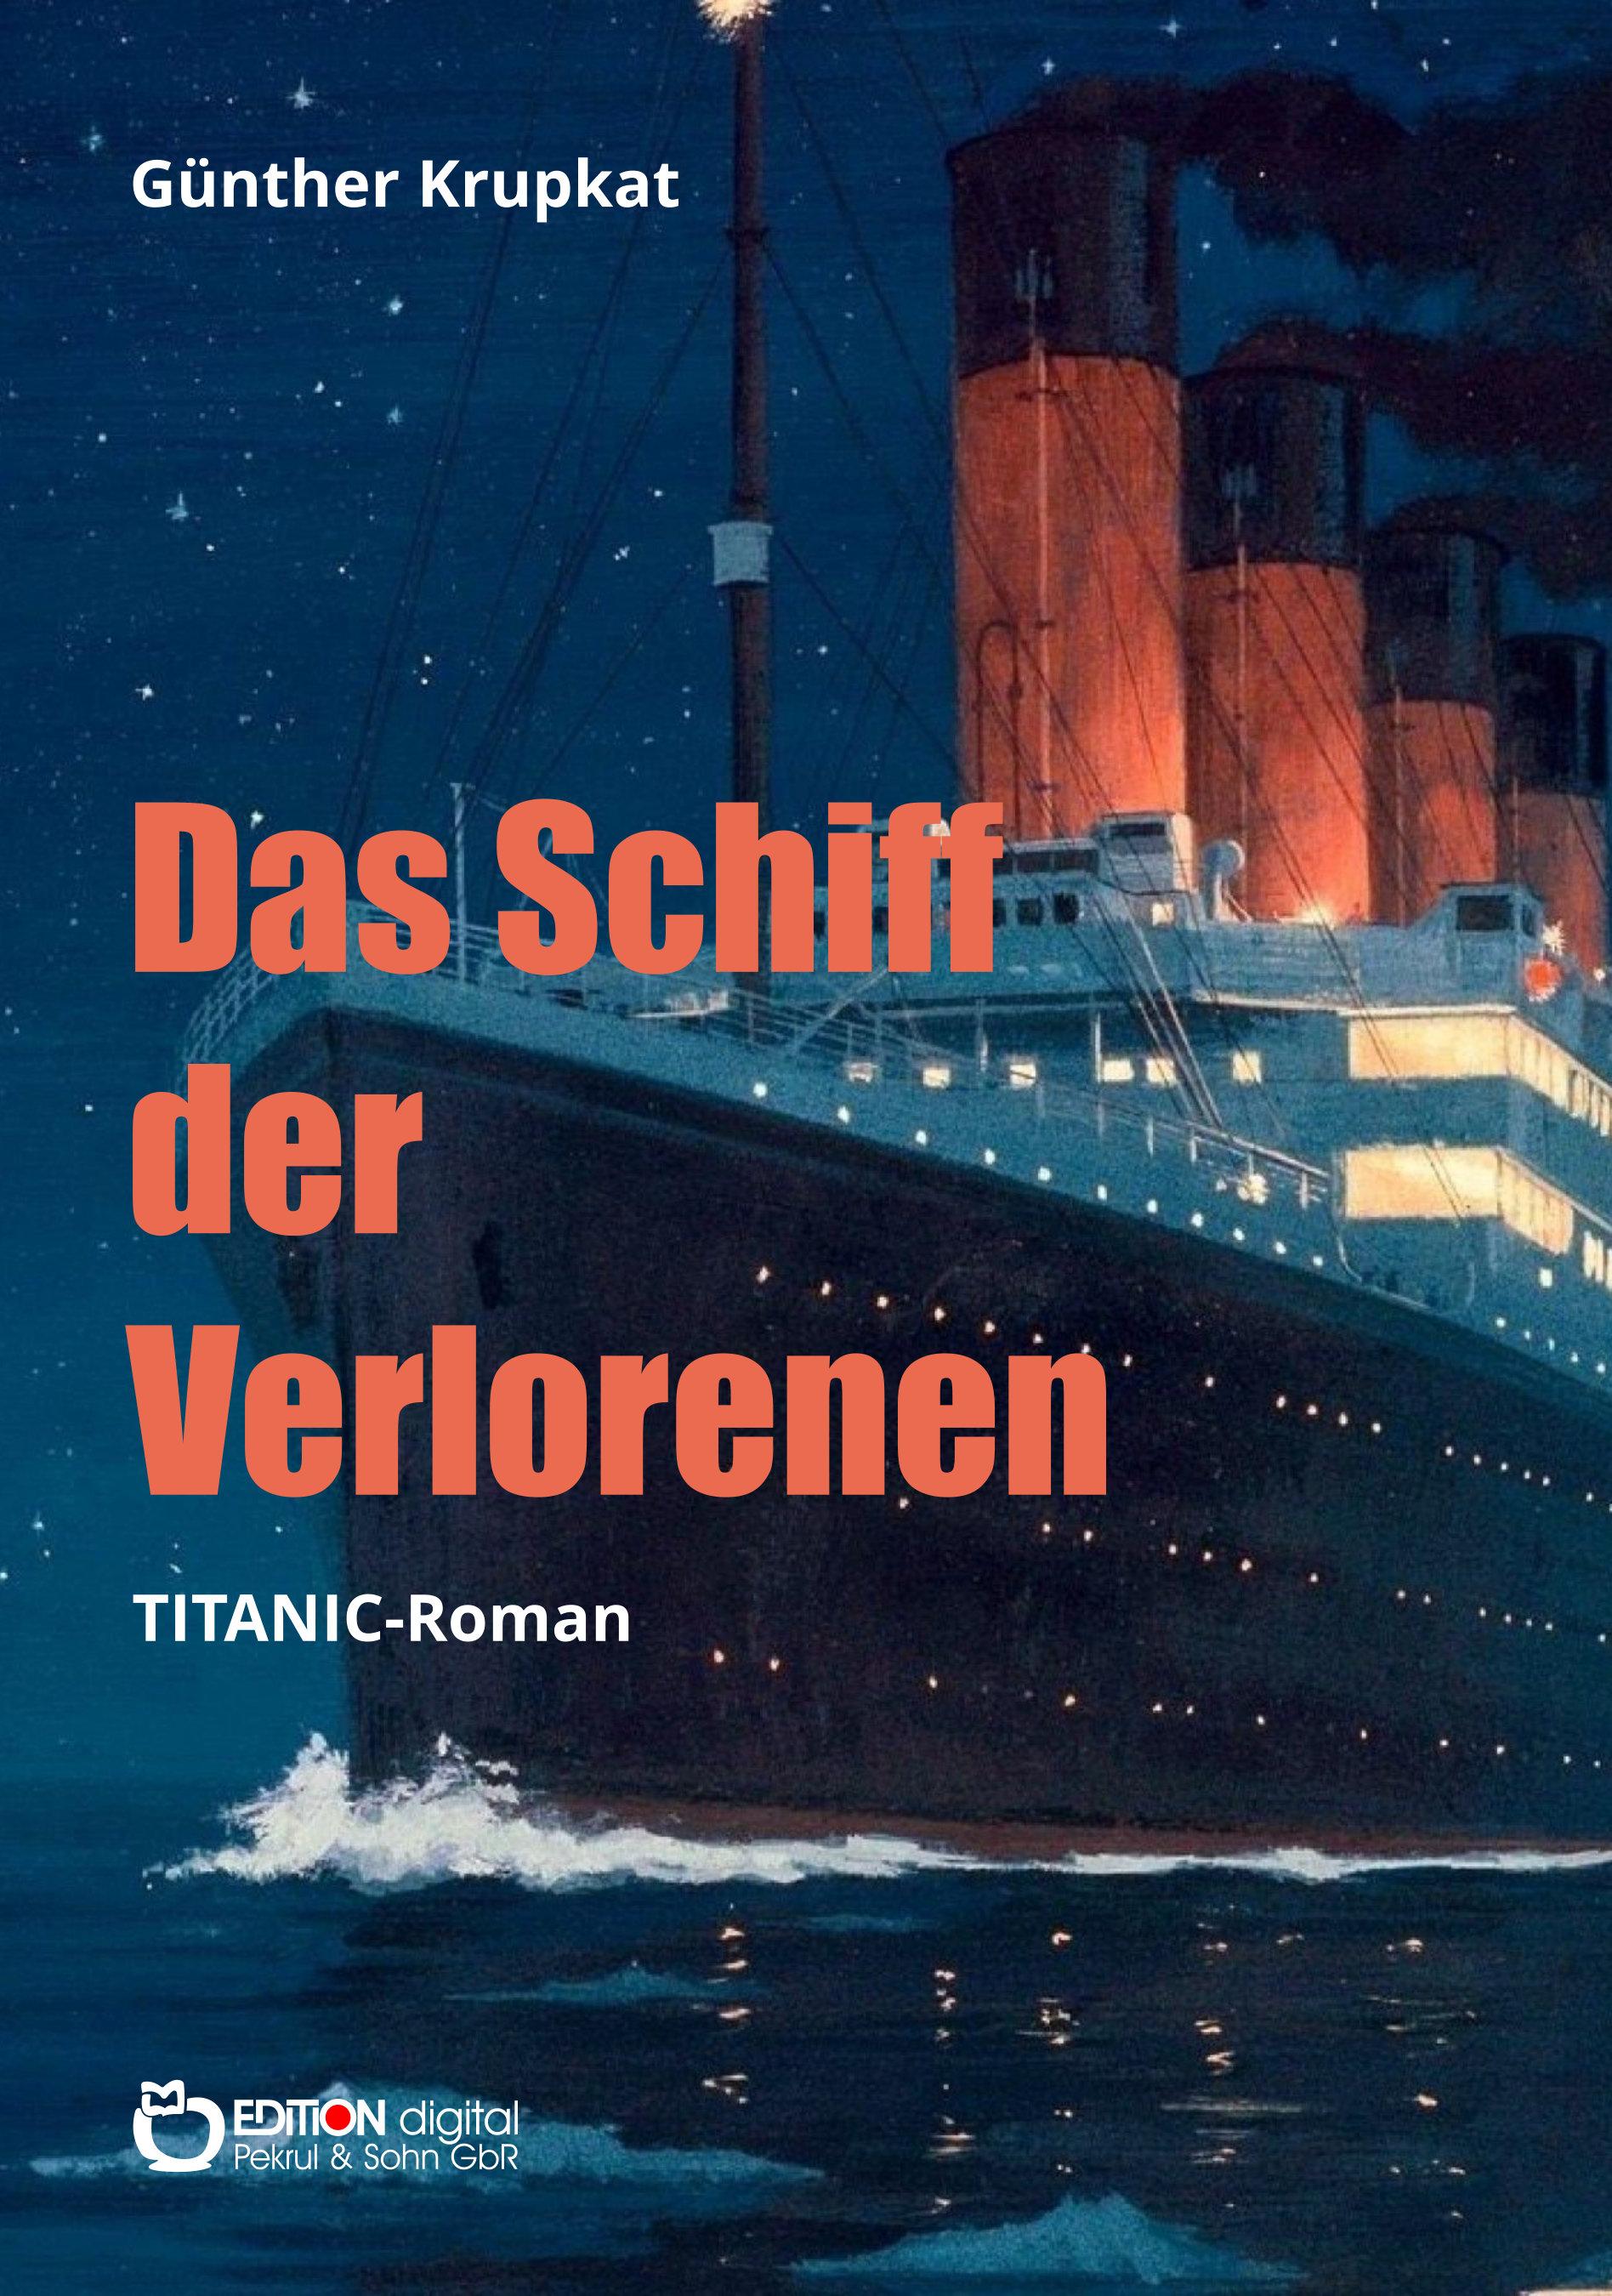 Das Schiff der Verlorenen. Titanic-Roman von Günther Krupkat